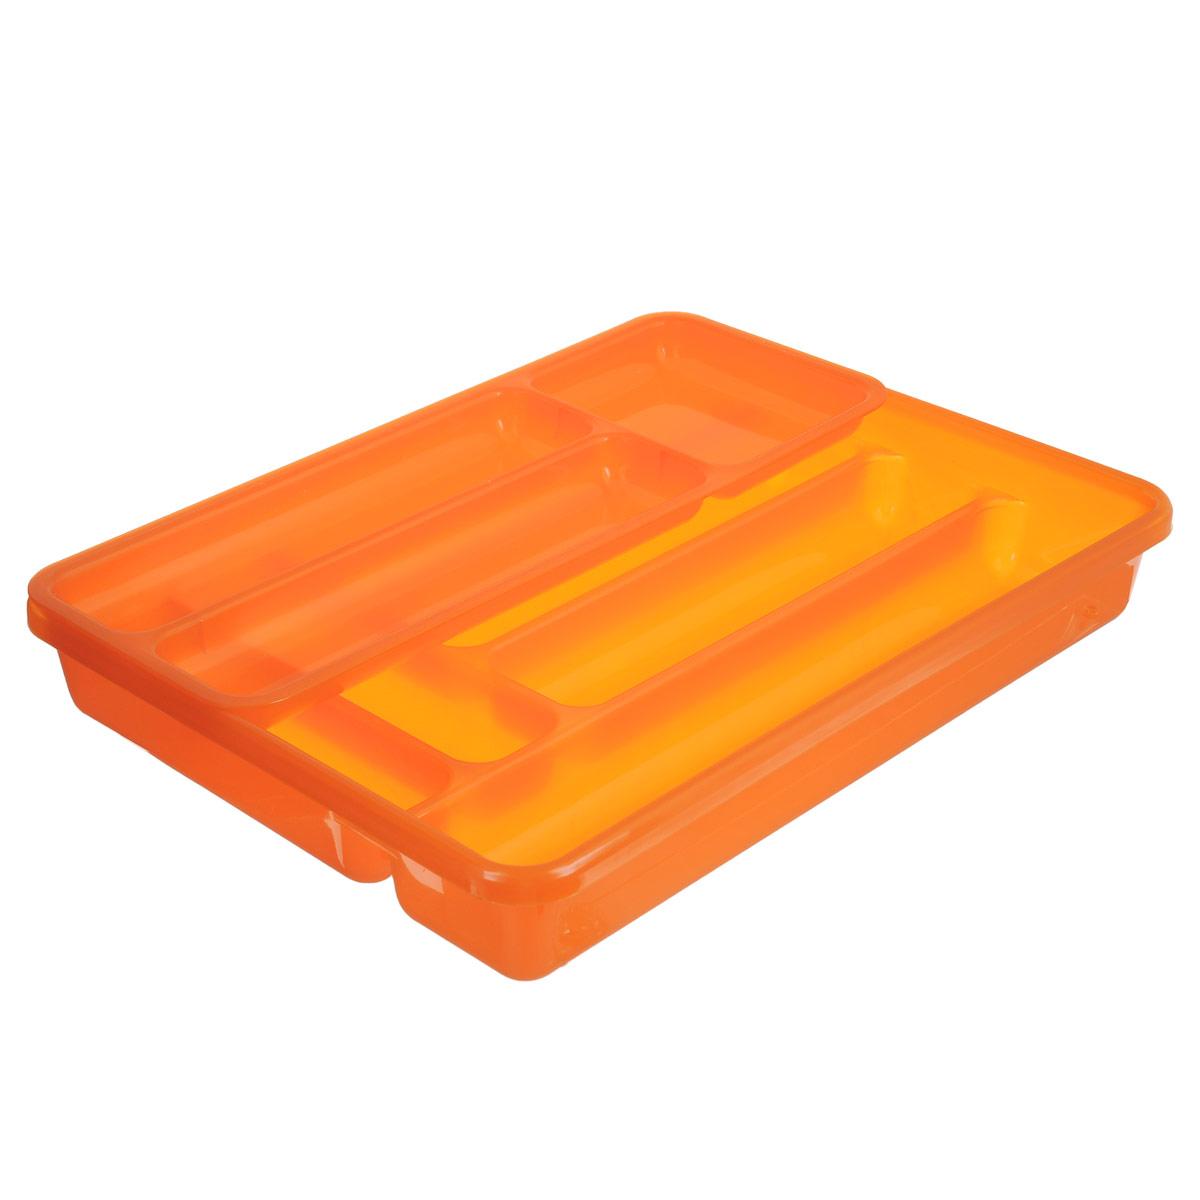 Лоток для столовых приборов Cosmoplast, двойной, цвет: оранжевый, 40 см х 30 см2143_оранжевыйЛоток для столовых приборов Cosmoplast изготовлен из пластика. Изделие имеет 3 одинаковых секции для столовых ложек, вилок и ножей, 2 секции для чайных ложек и других мелких столовых приборов и длинную секцию для различных кухонных принадлежностей. Лоток оснащен съемным отделением с 3 дополнительными секциями. Помещается в любой кухонный ящик.